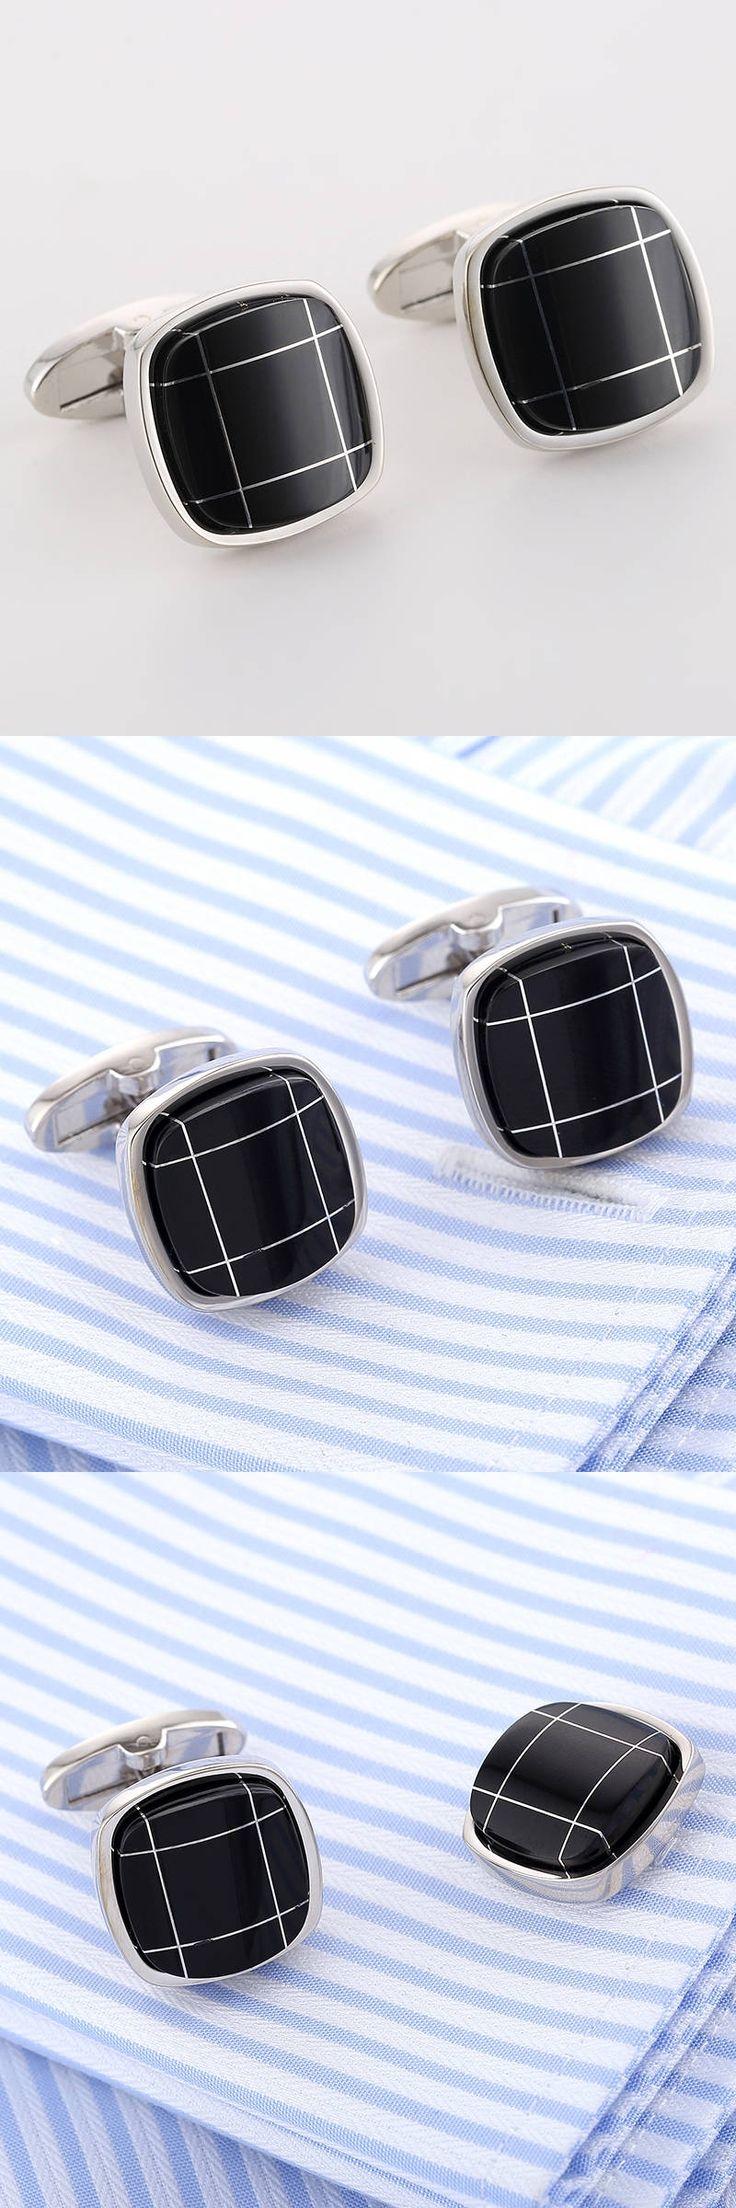 VAGULA Cuff links Top Quality Lawyer Groom Wedding Cufflinks French Shirt Cuffs Gemelos 322